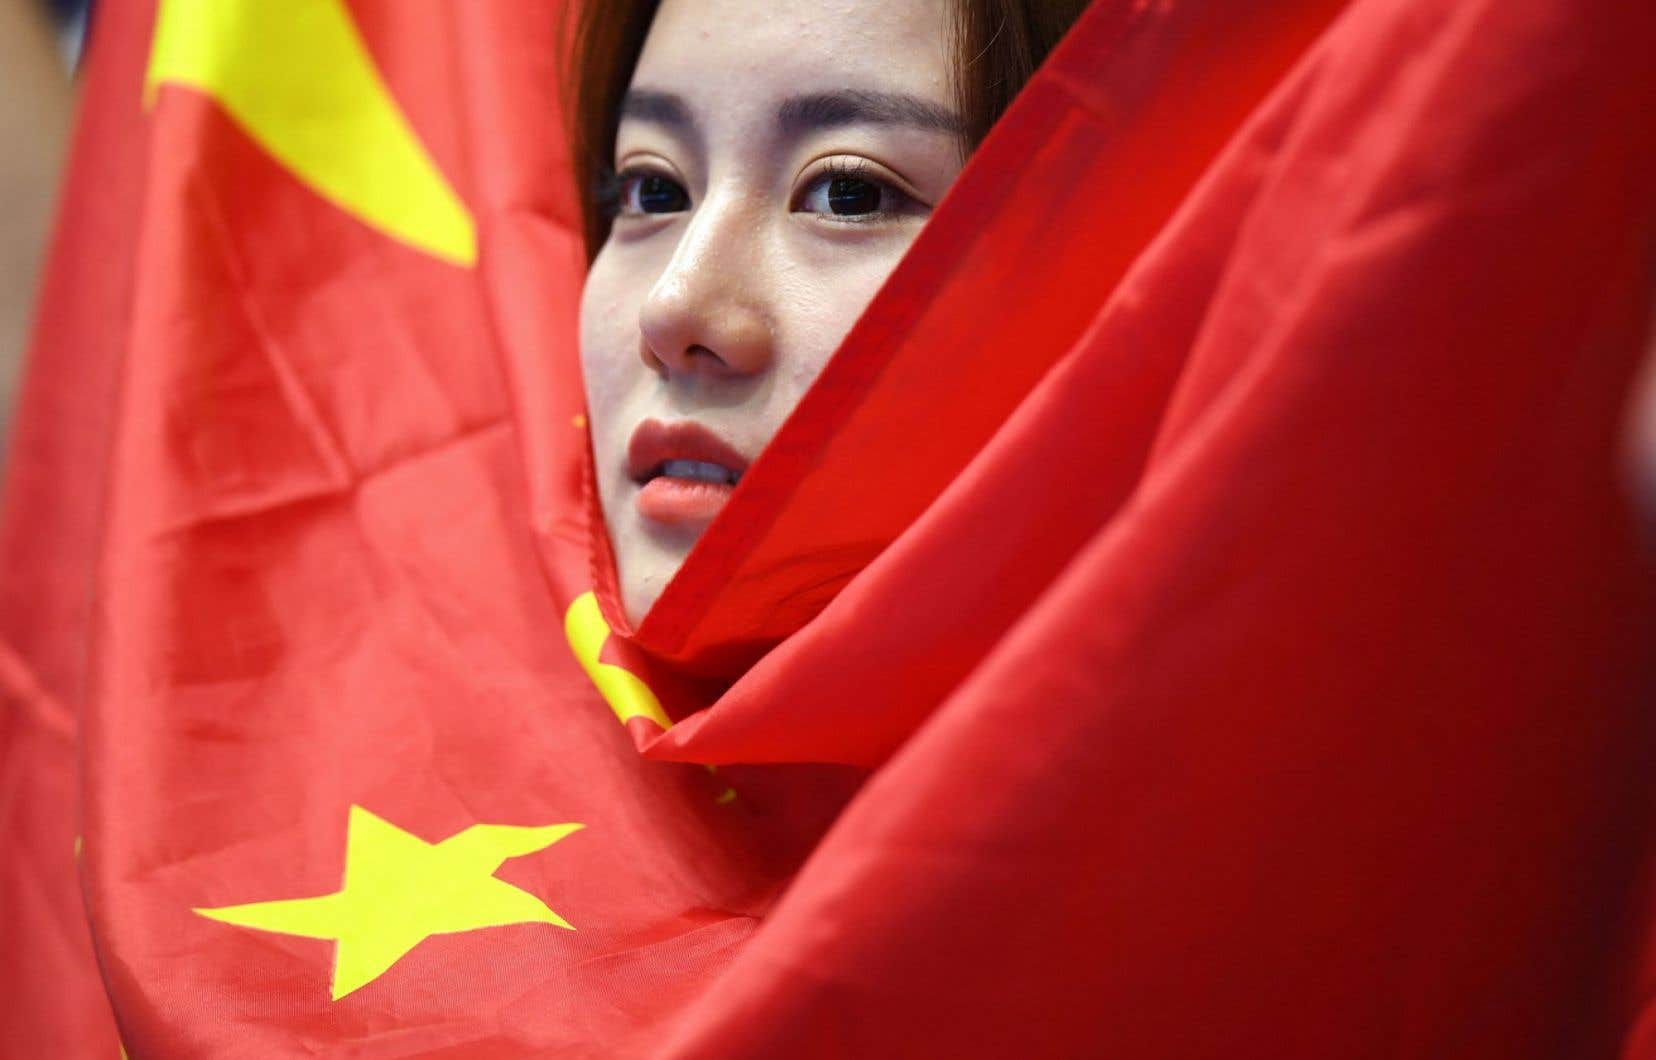 Le Comité d'organisation des Jeux olympiques de Rio a annoncé lundi le remplacement des drapeaux chinois utilisés lors des cérémonies de remise de médailles.